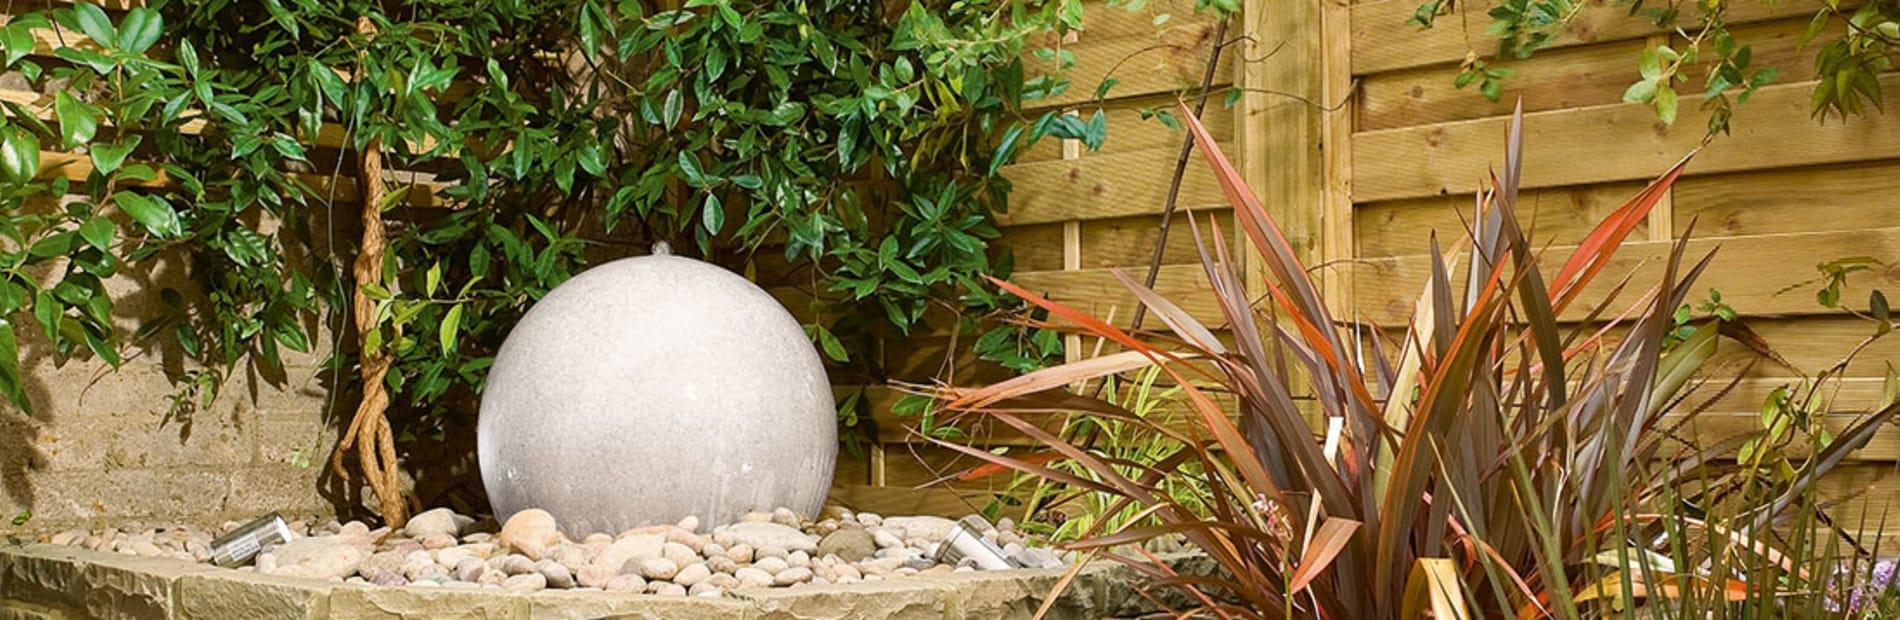 a cheats guide to summer garden fixes